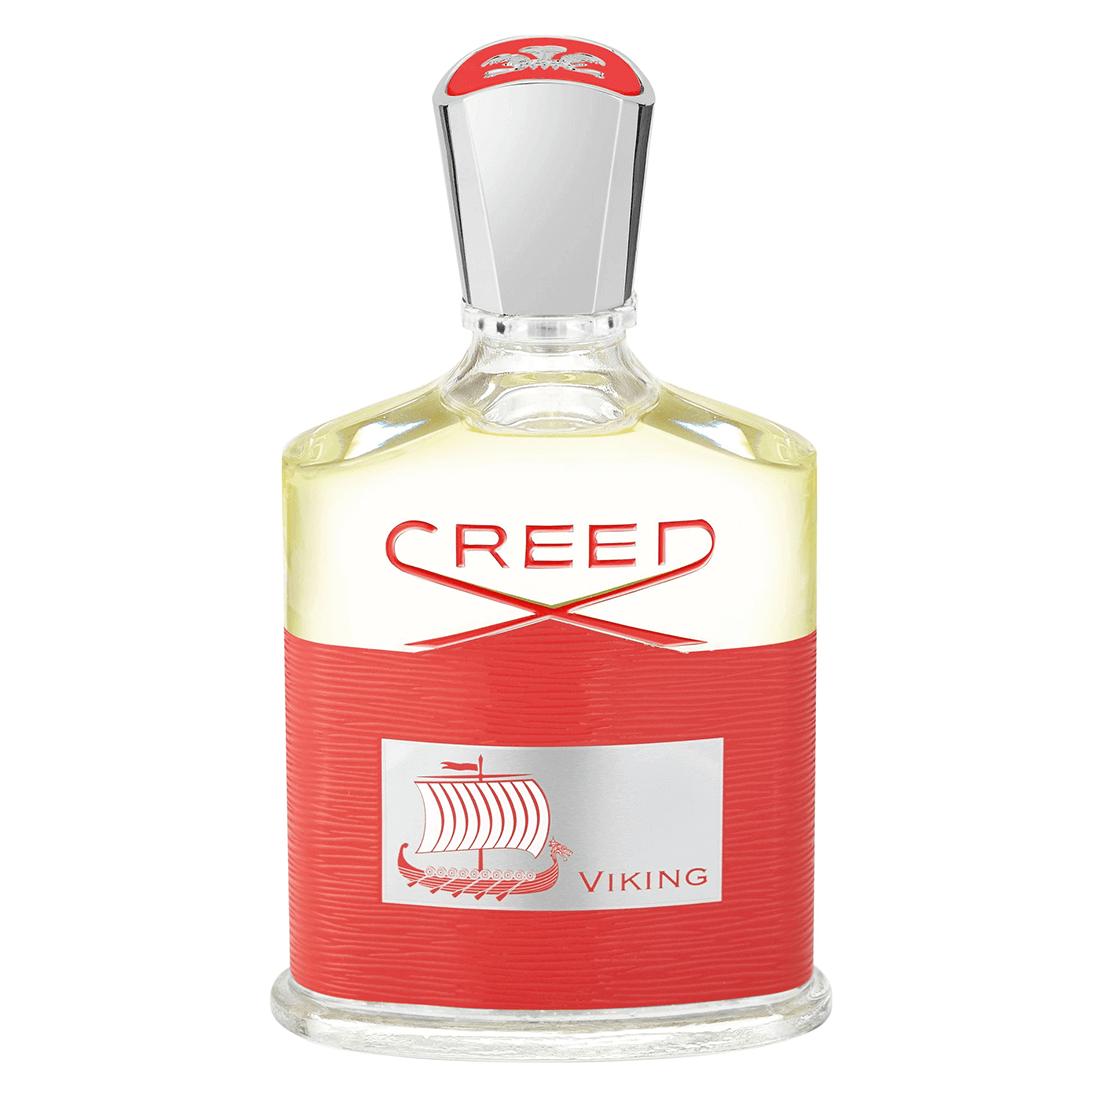 creed_viking